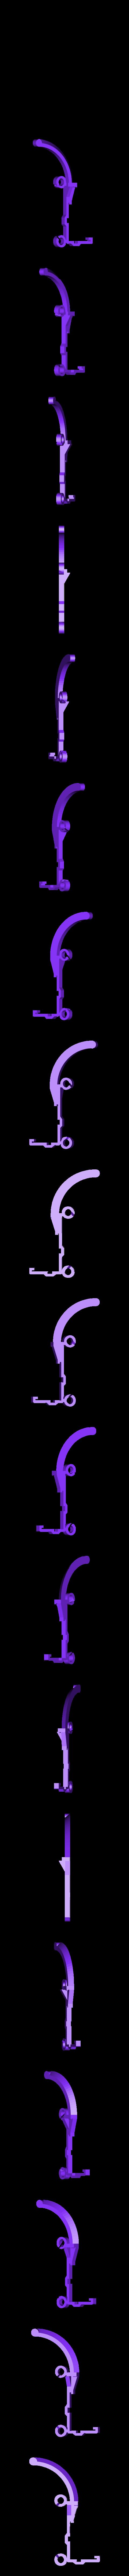 Anycubic_I3_Mega_Filamentrollenhalter-UmlenkrollenHalterOben.stl Download free STL file Anycubic I3 Mega Spool Holder • 3D print object, dede67